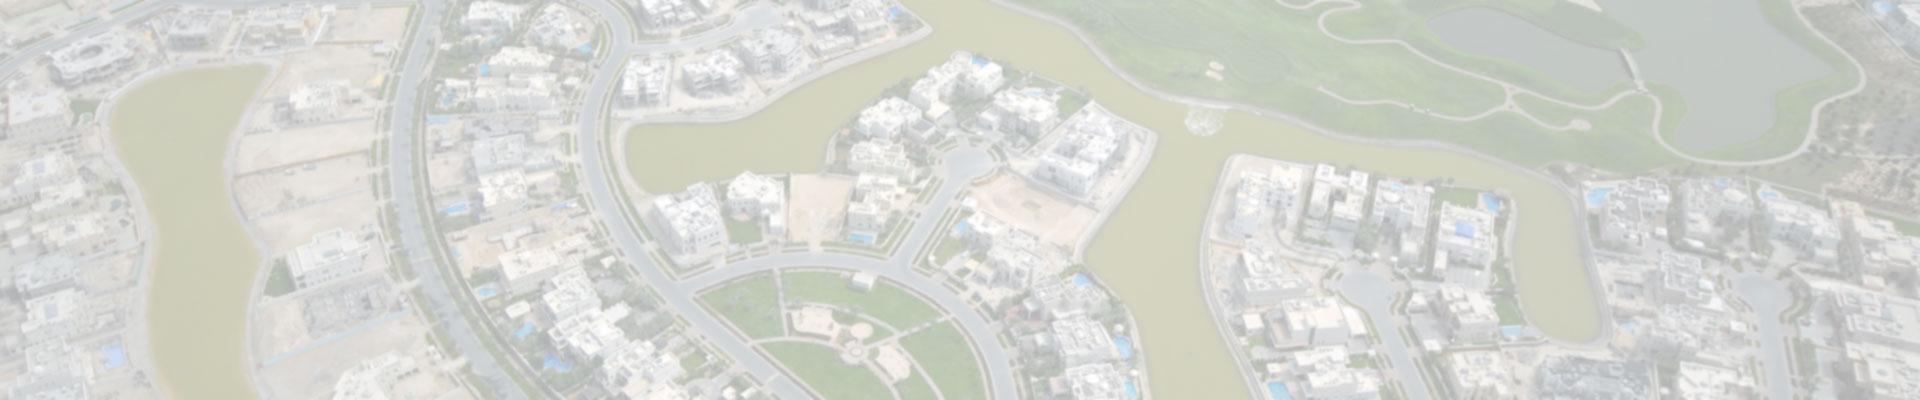 zoning-slide-bg1920x400-30o